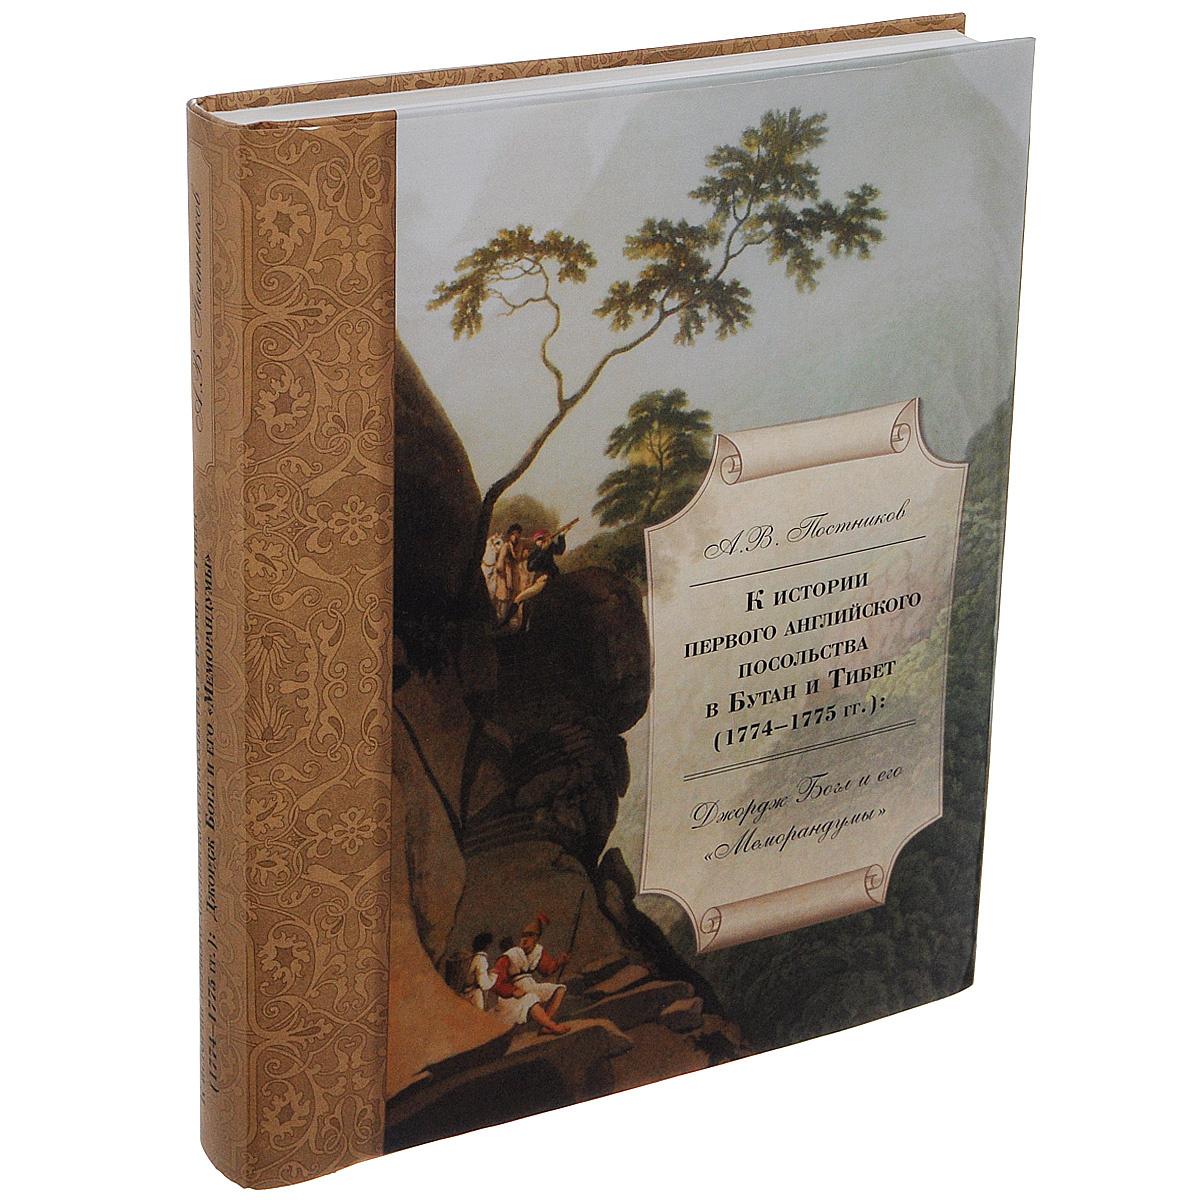 А. В. Постников. К истории первого английского посольства в Бутан и Тибет (1774-1774 гг.). Джордж Богл #1